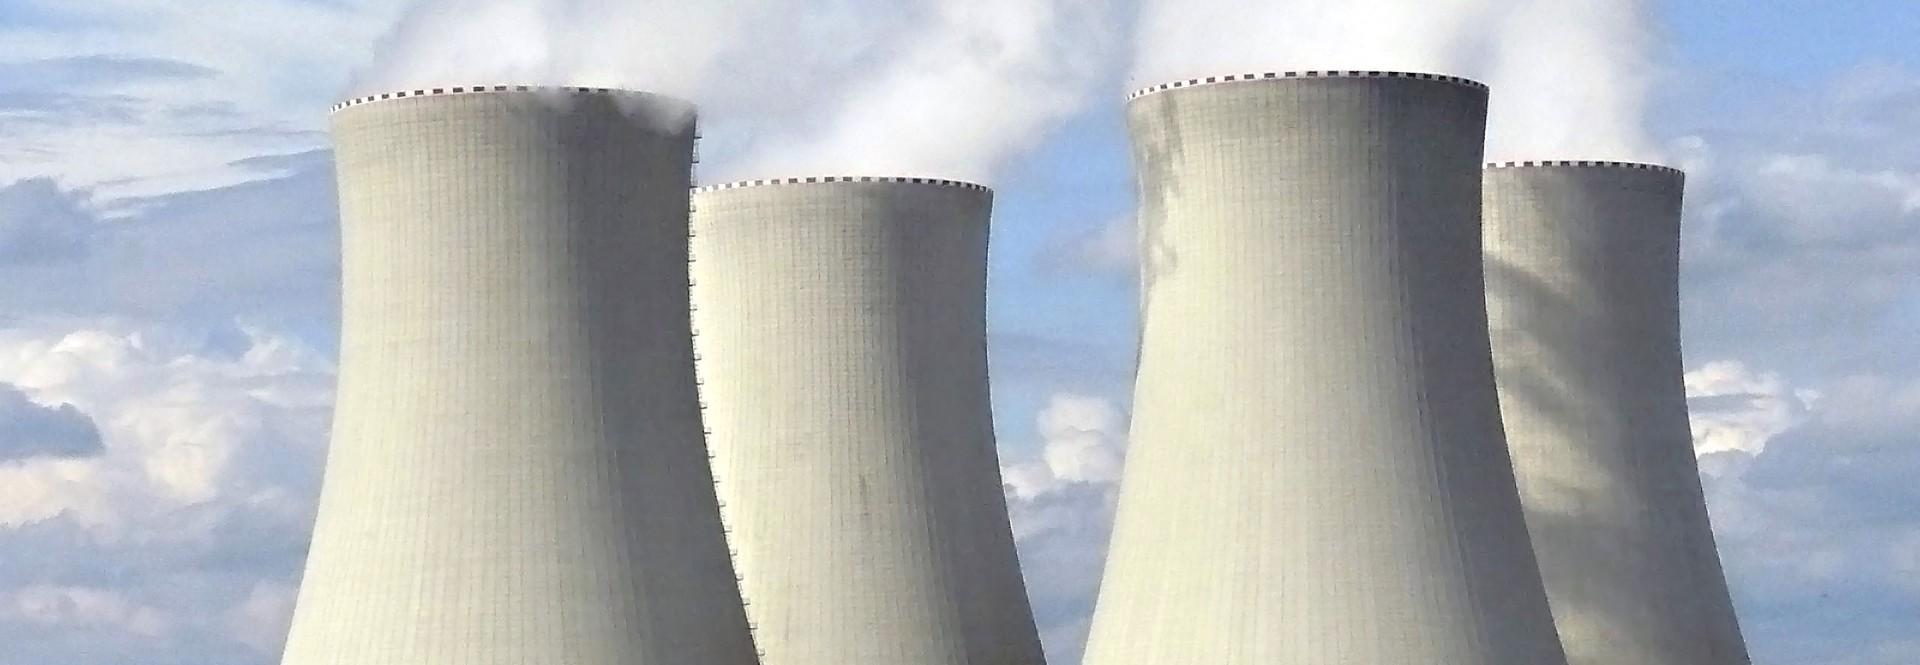 Nucleaire energie opwekking